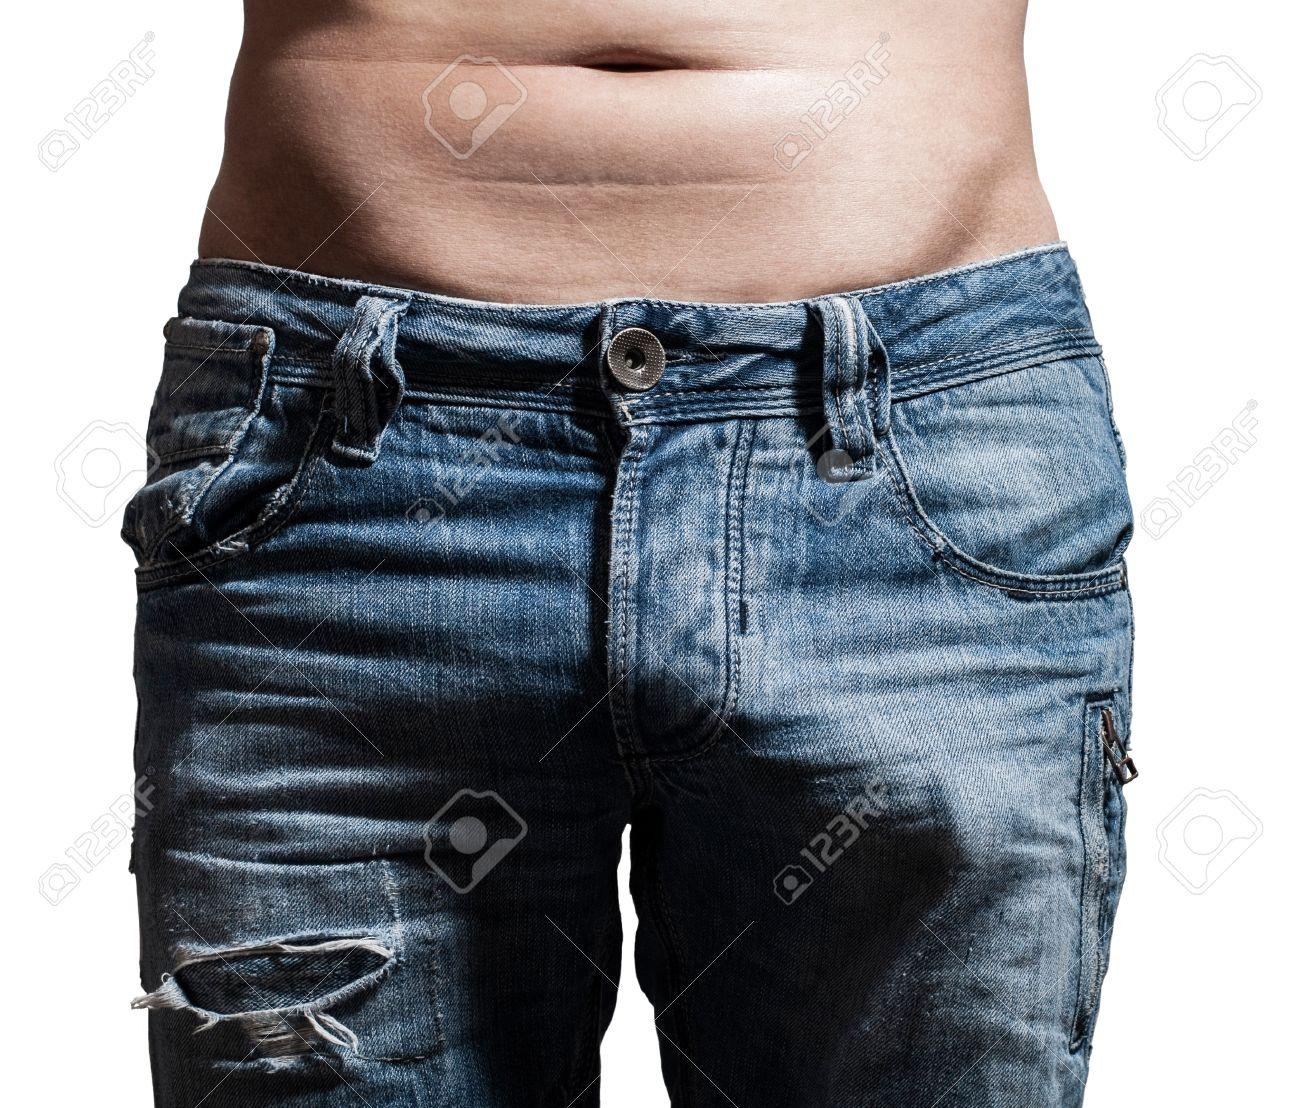 fotos van een penisEbony poesje Cams